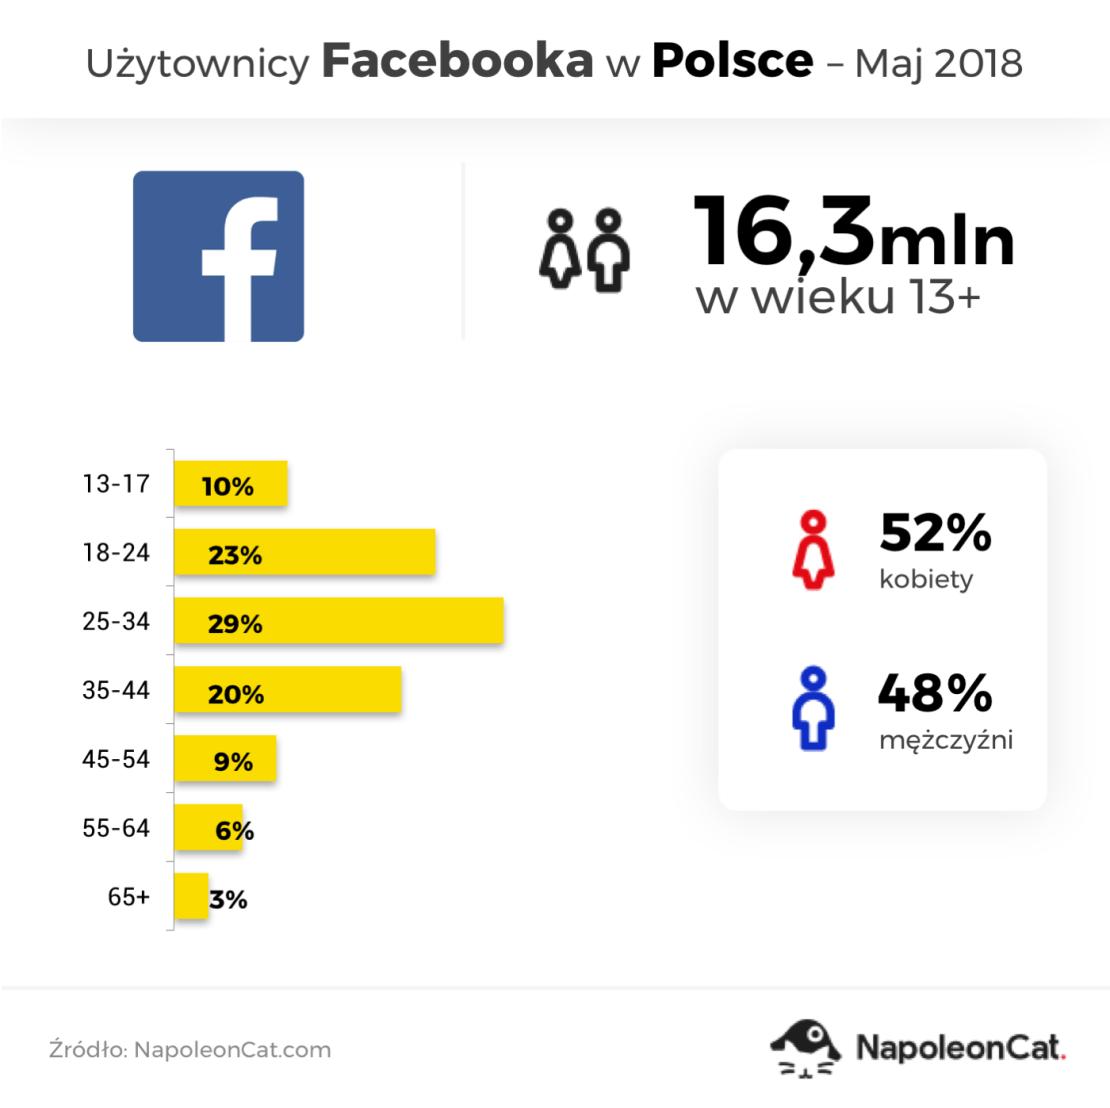 Użytkownicy Facebooka w Polsce (stan na maj 2018)